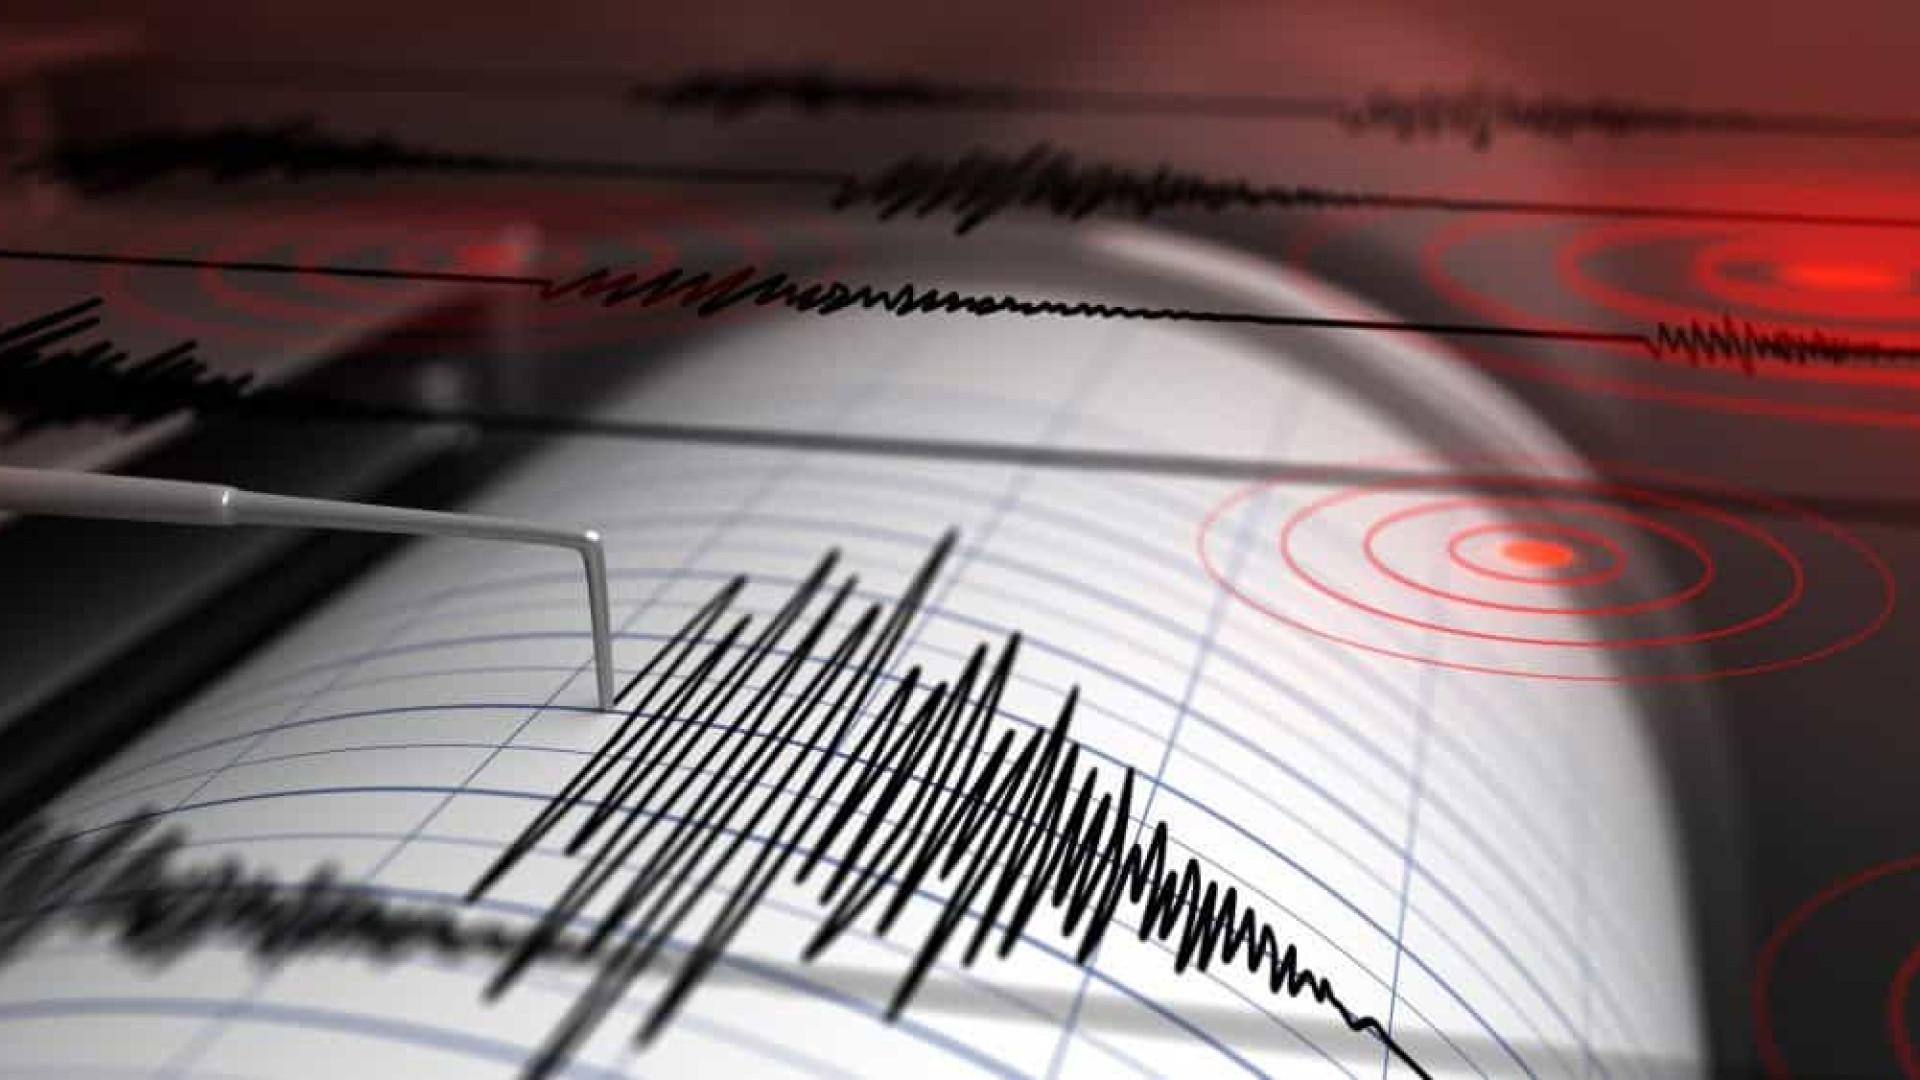 Sismo de magnitude 4,2 sentido no Faial, Pico e São Jorge